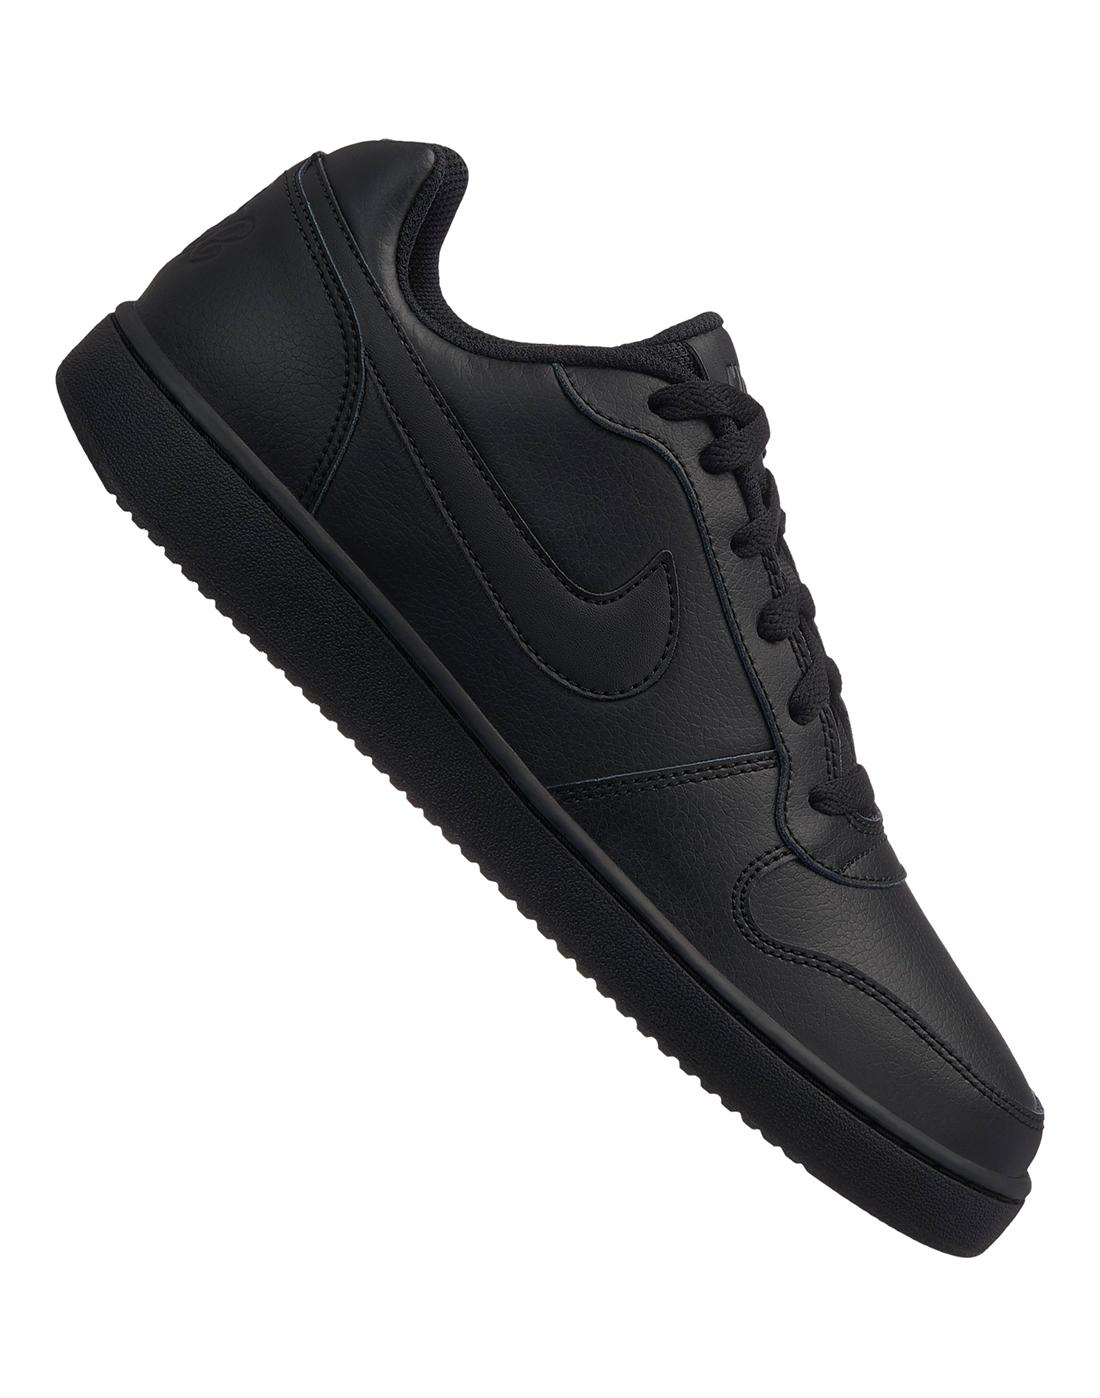 Nike Mens Ebernon Low | Life Style Sports